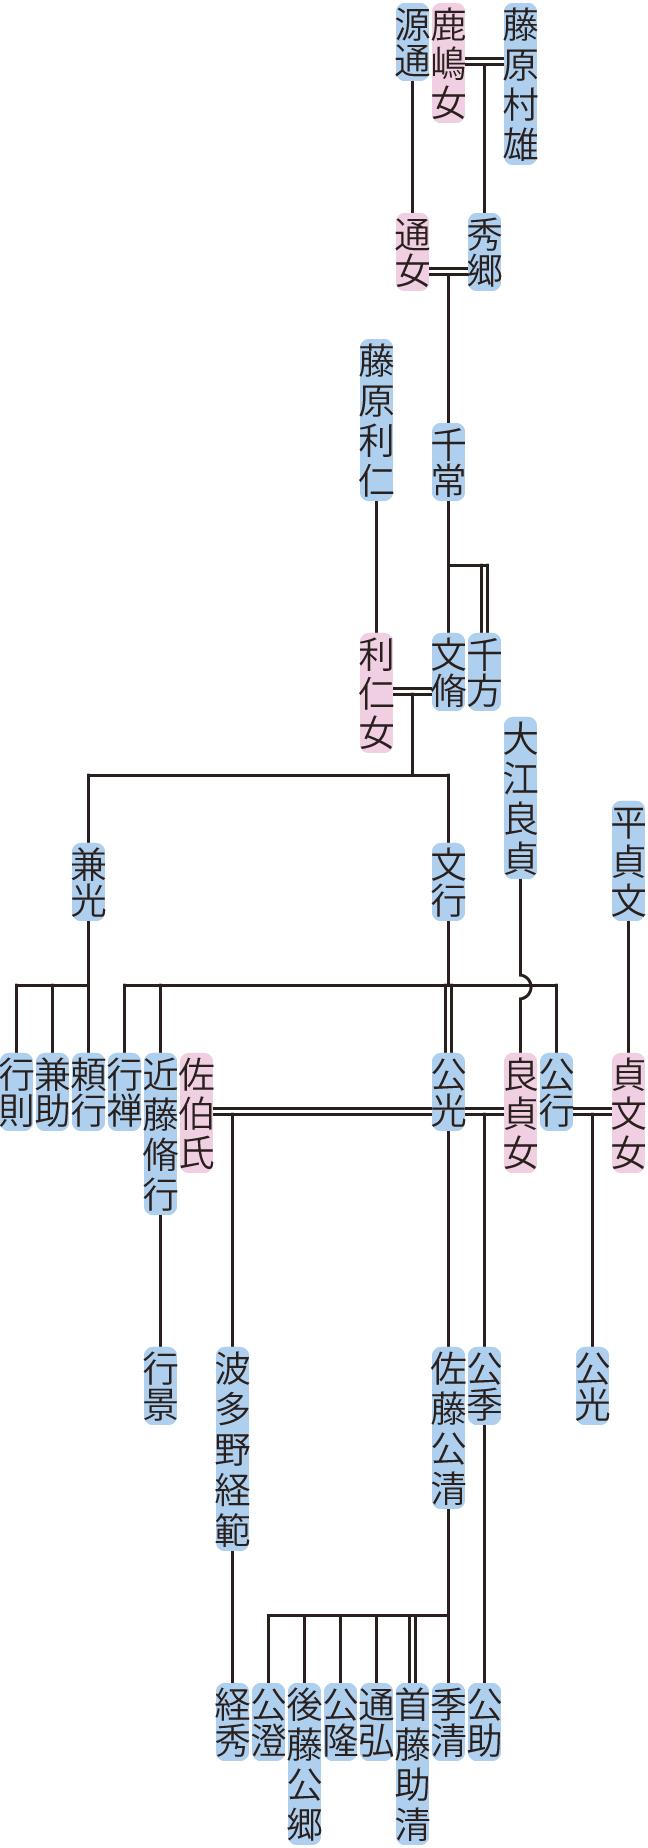 藤原千常~公光の系図